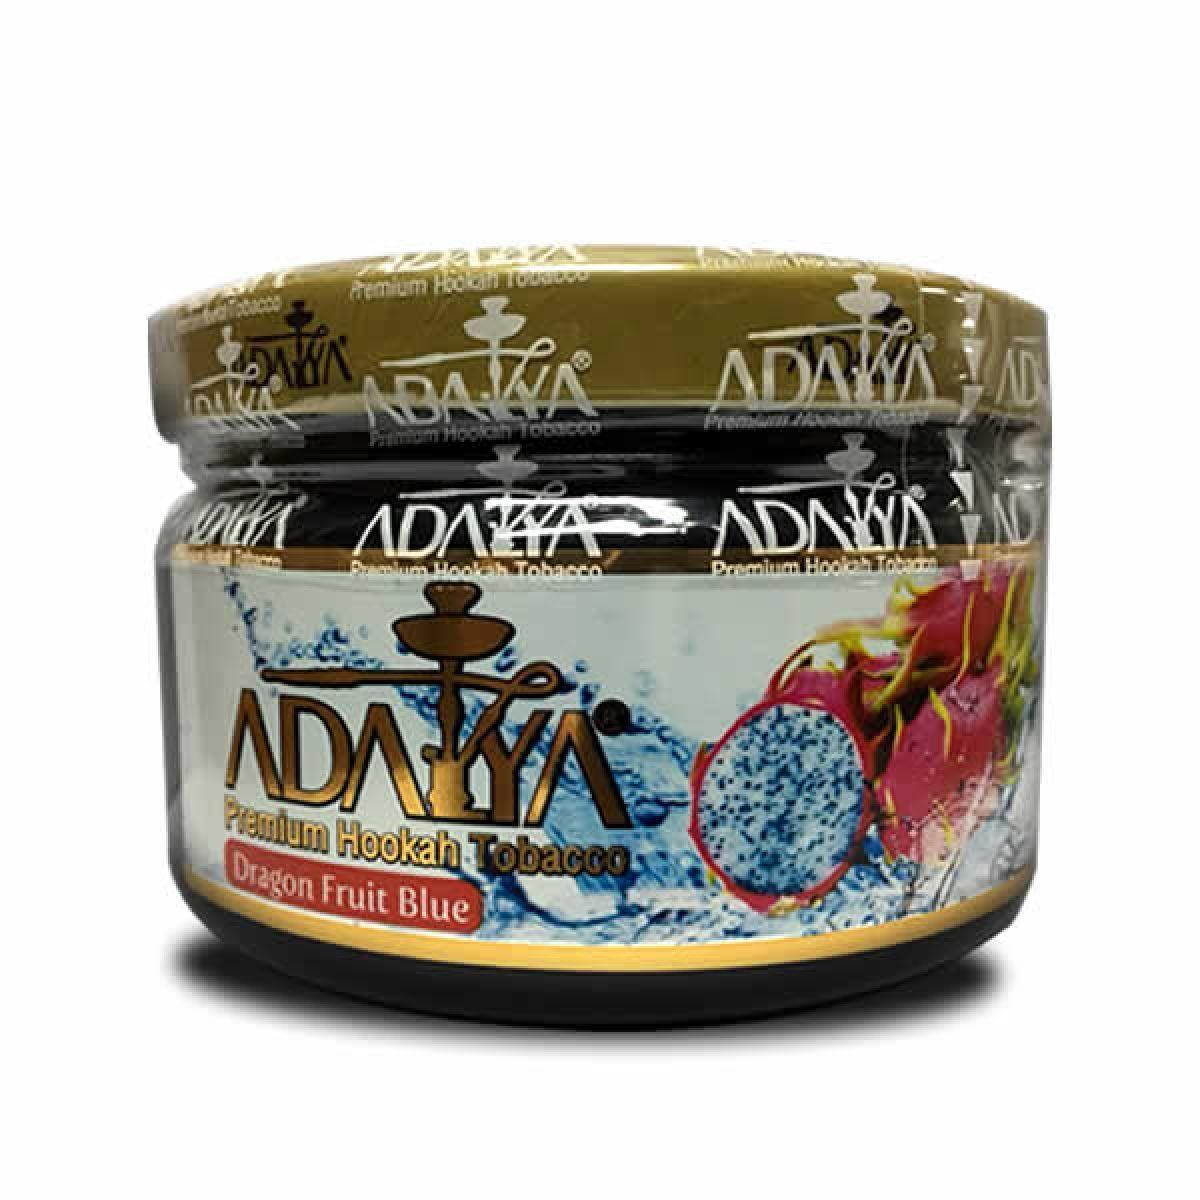 ADALYA DRAGON FRUIT BLUE 200G